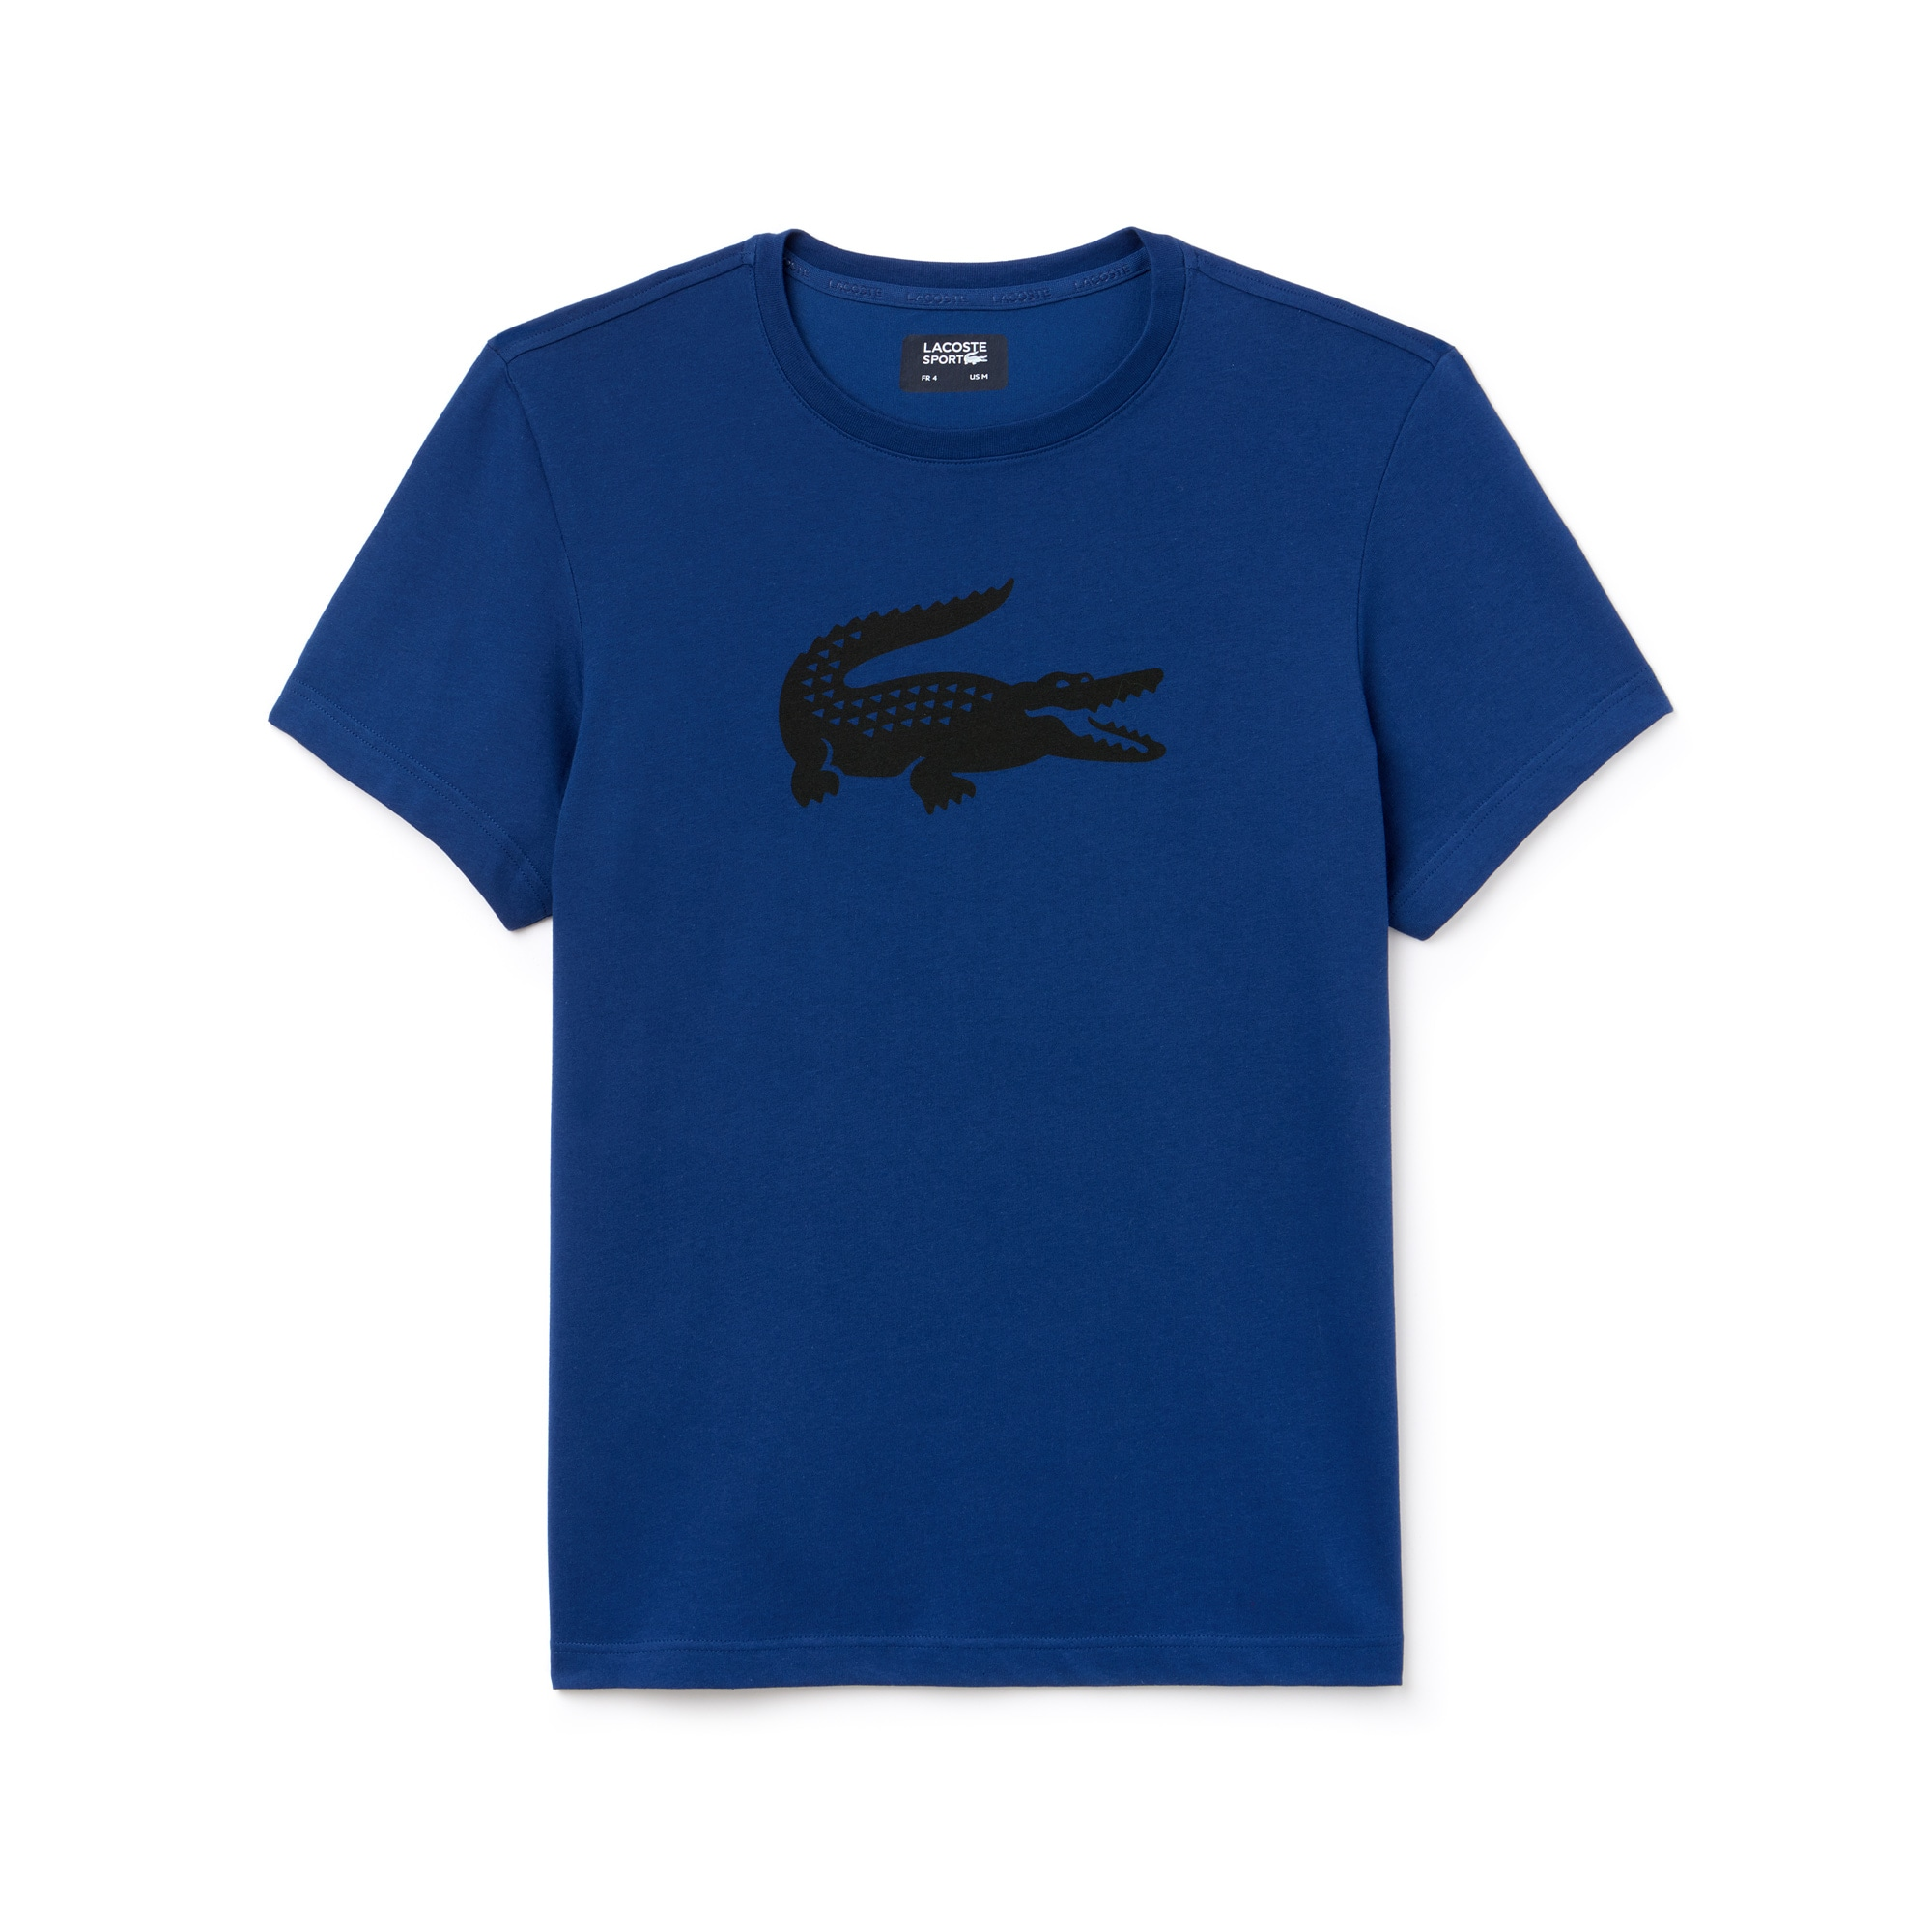 T-shirt Tennis Lacoste SPORT em jersey técnico com crocodilo em tamanho grande